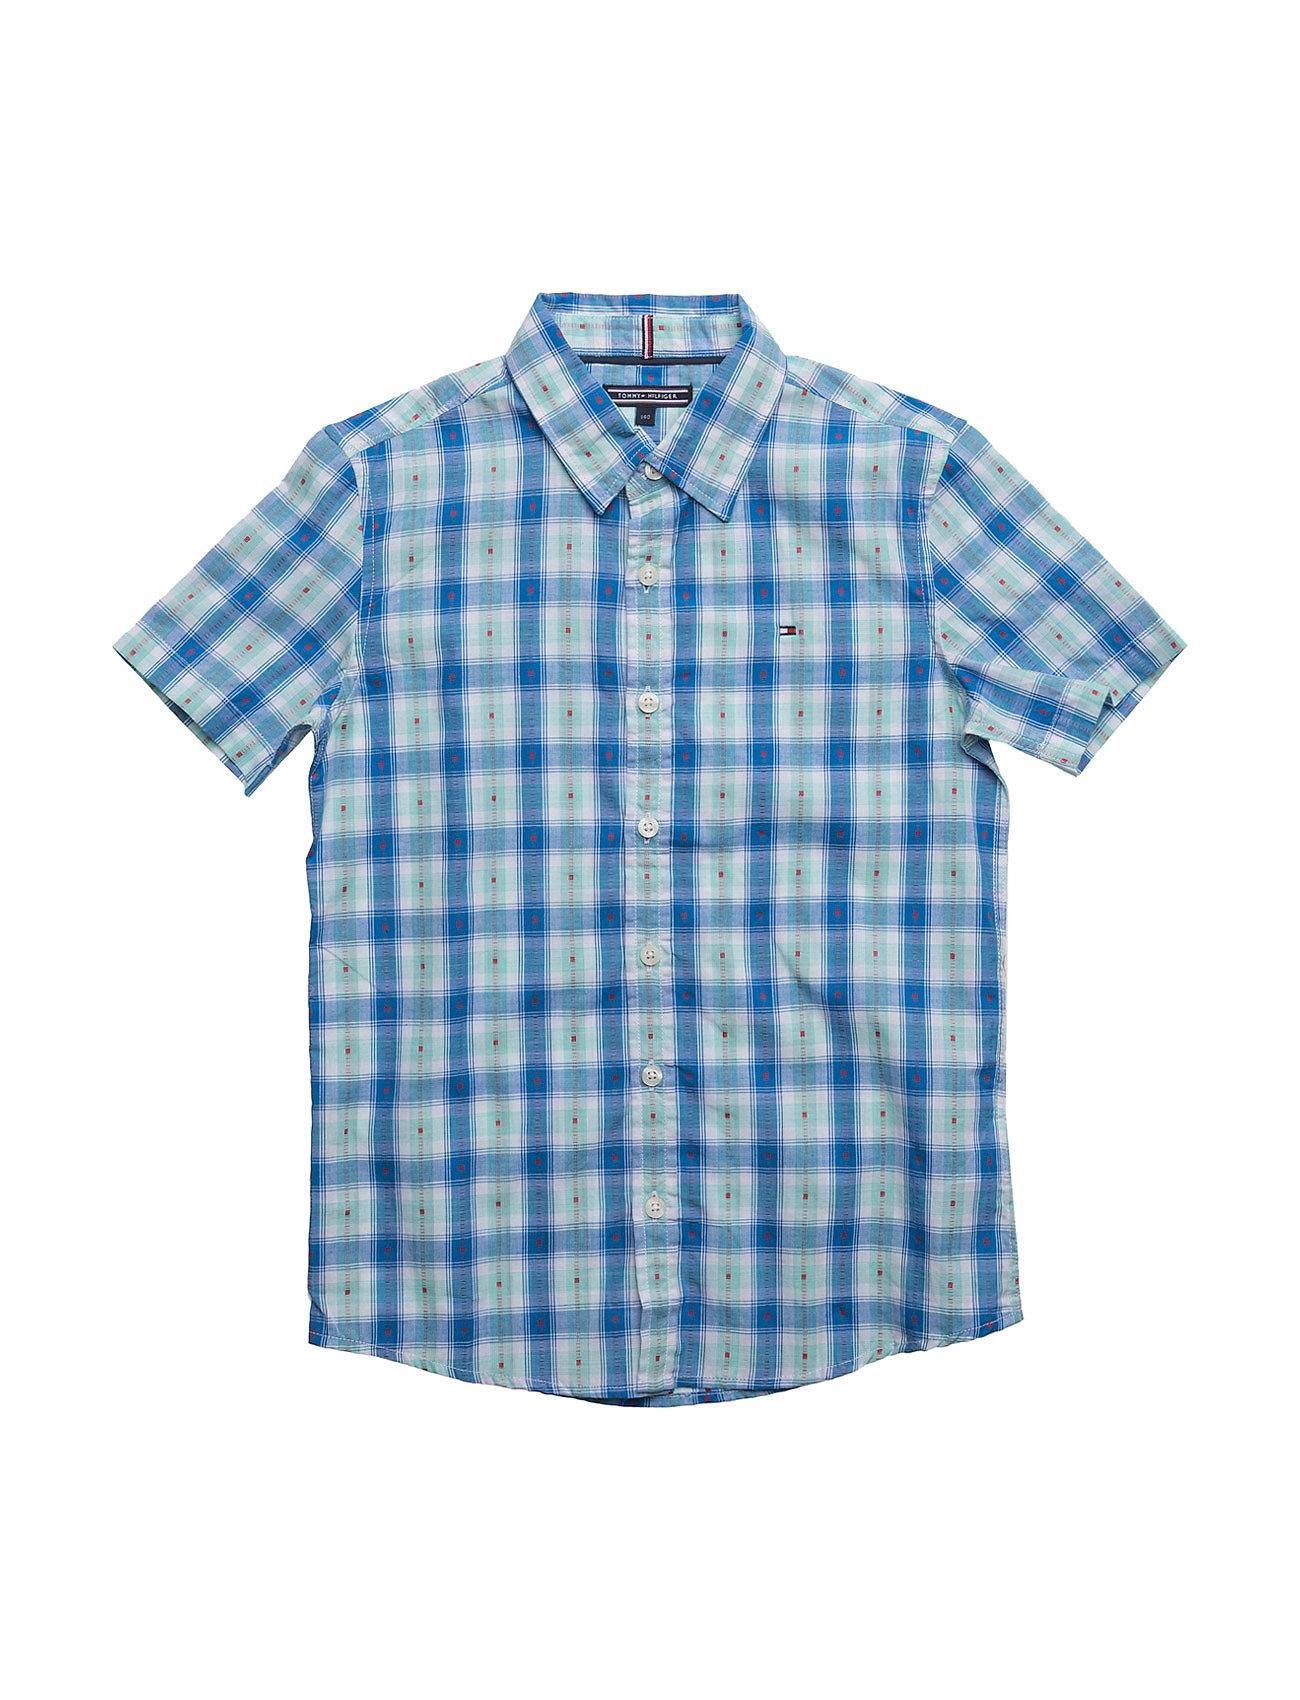 Multi Colored Dobby Shirt S/S Tommy Hilfiger  til Børn i hvid